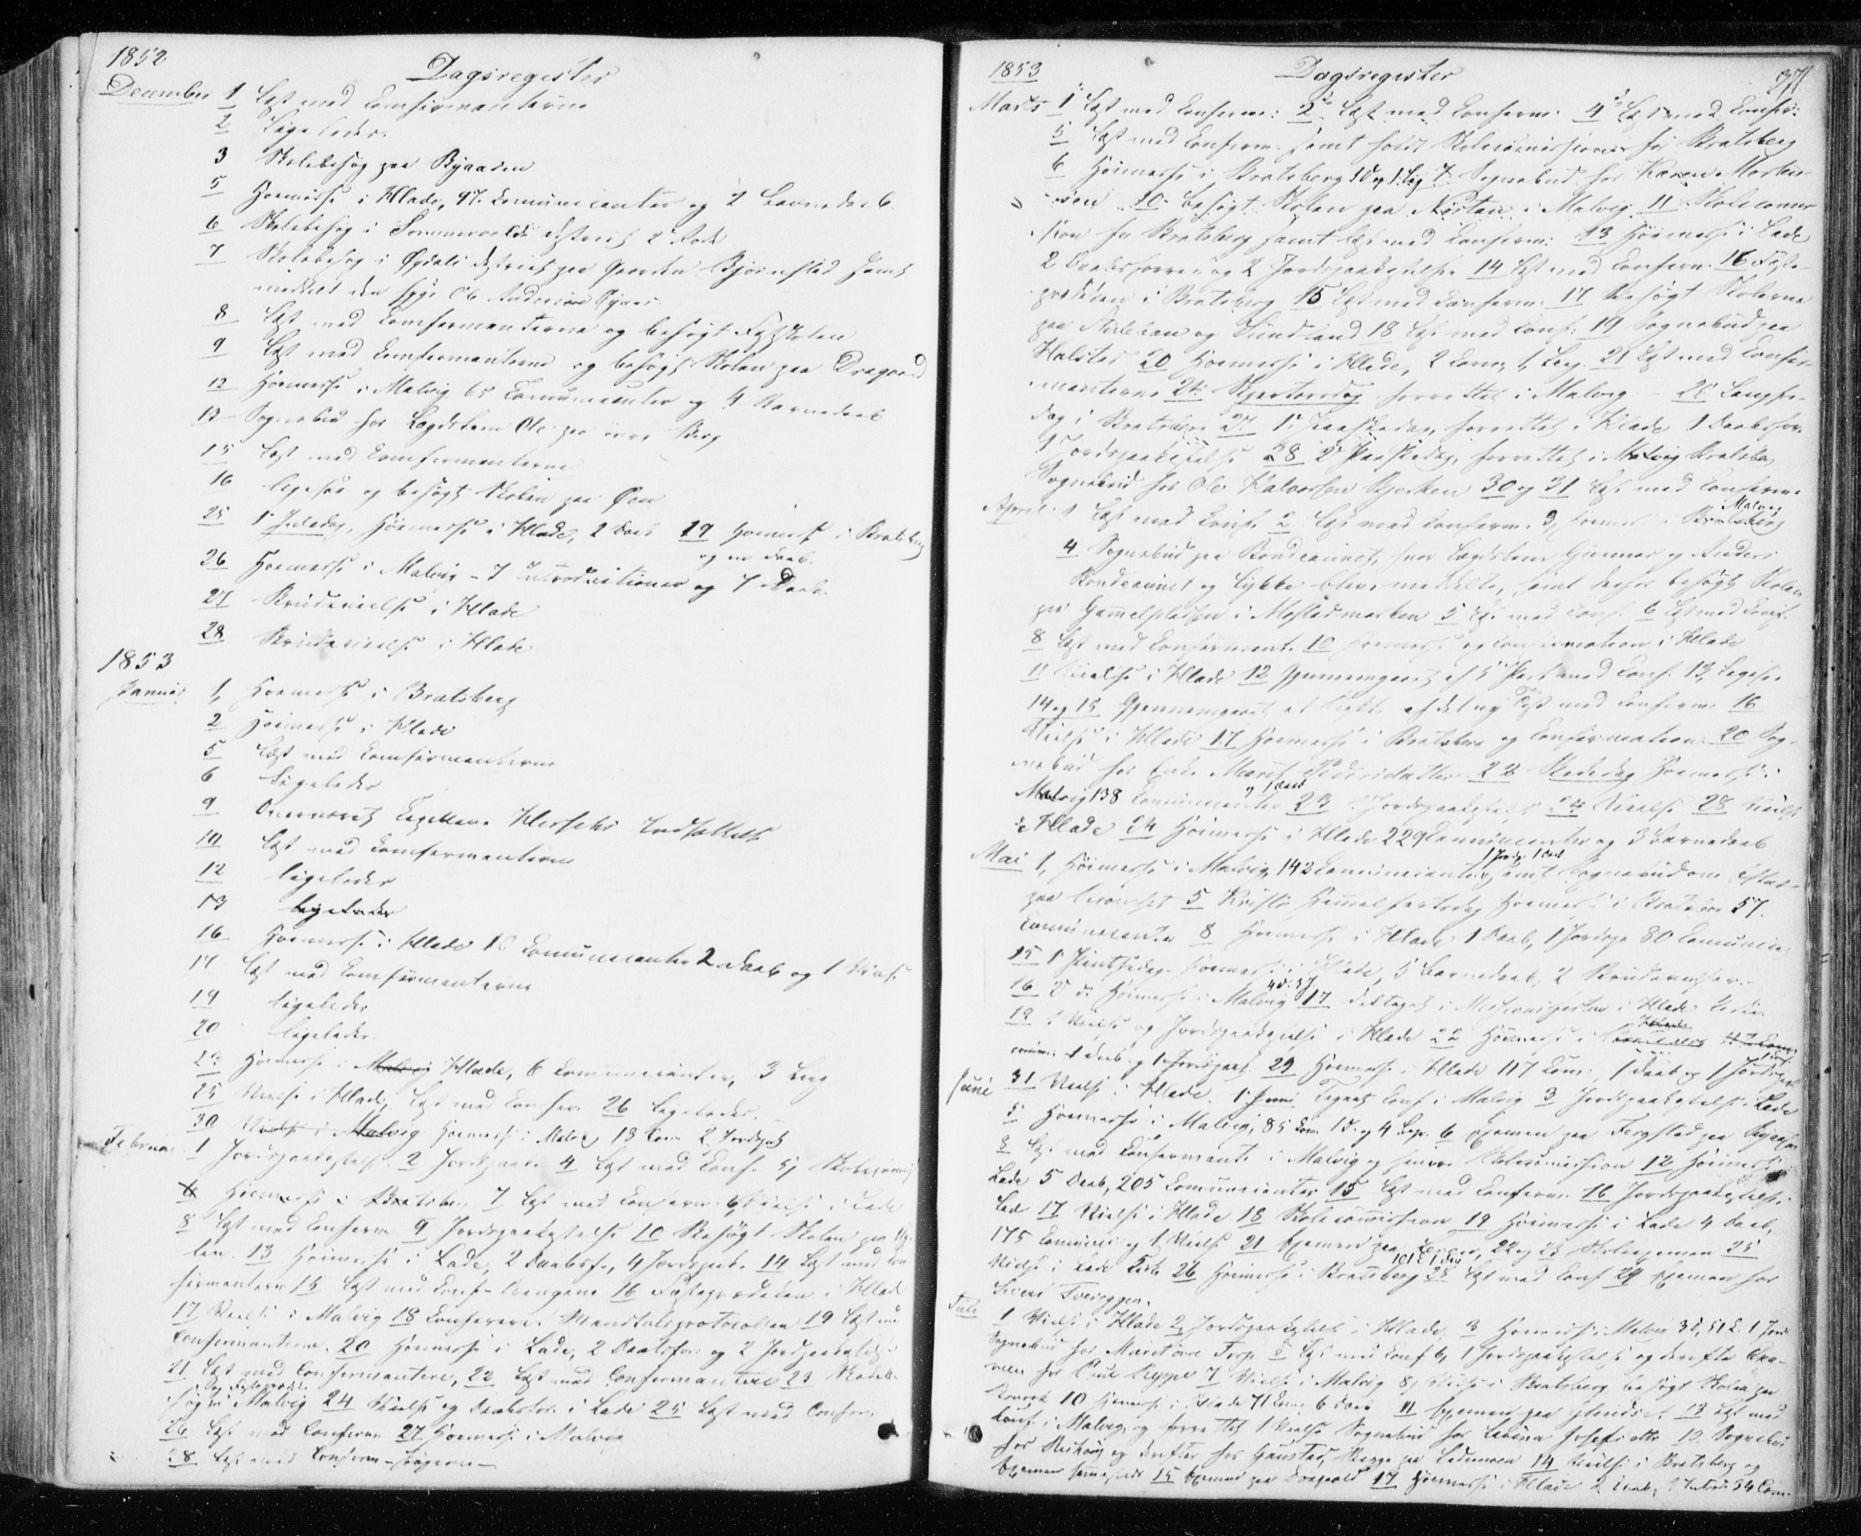 SAT, Ministerialprotokoller, klokkerbøker og fødselsregistre - Sør-Trøndelag, 606/L0291: Ministerialbok nr. 606A06, 1848-1856, s. 371